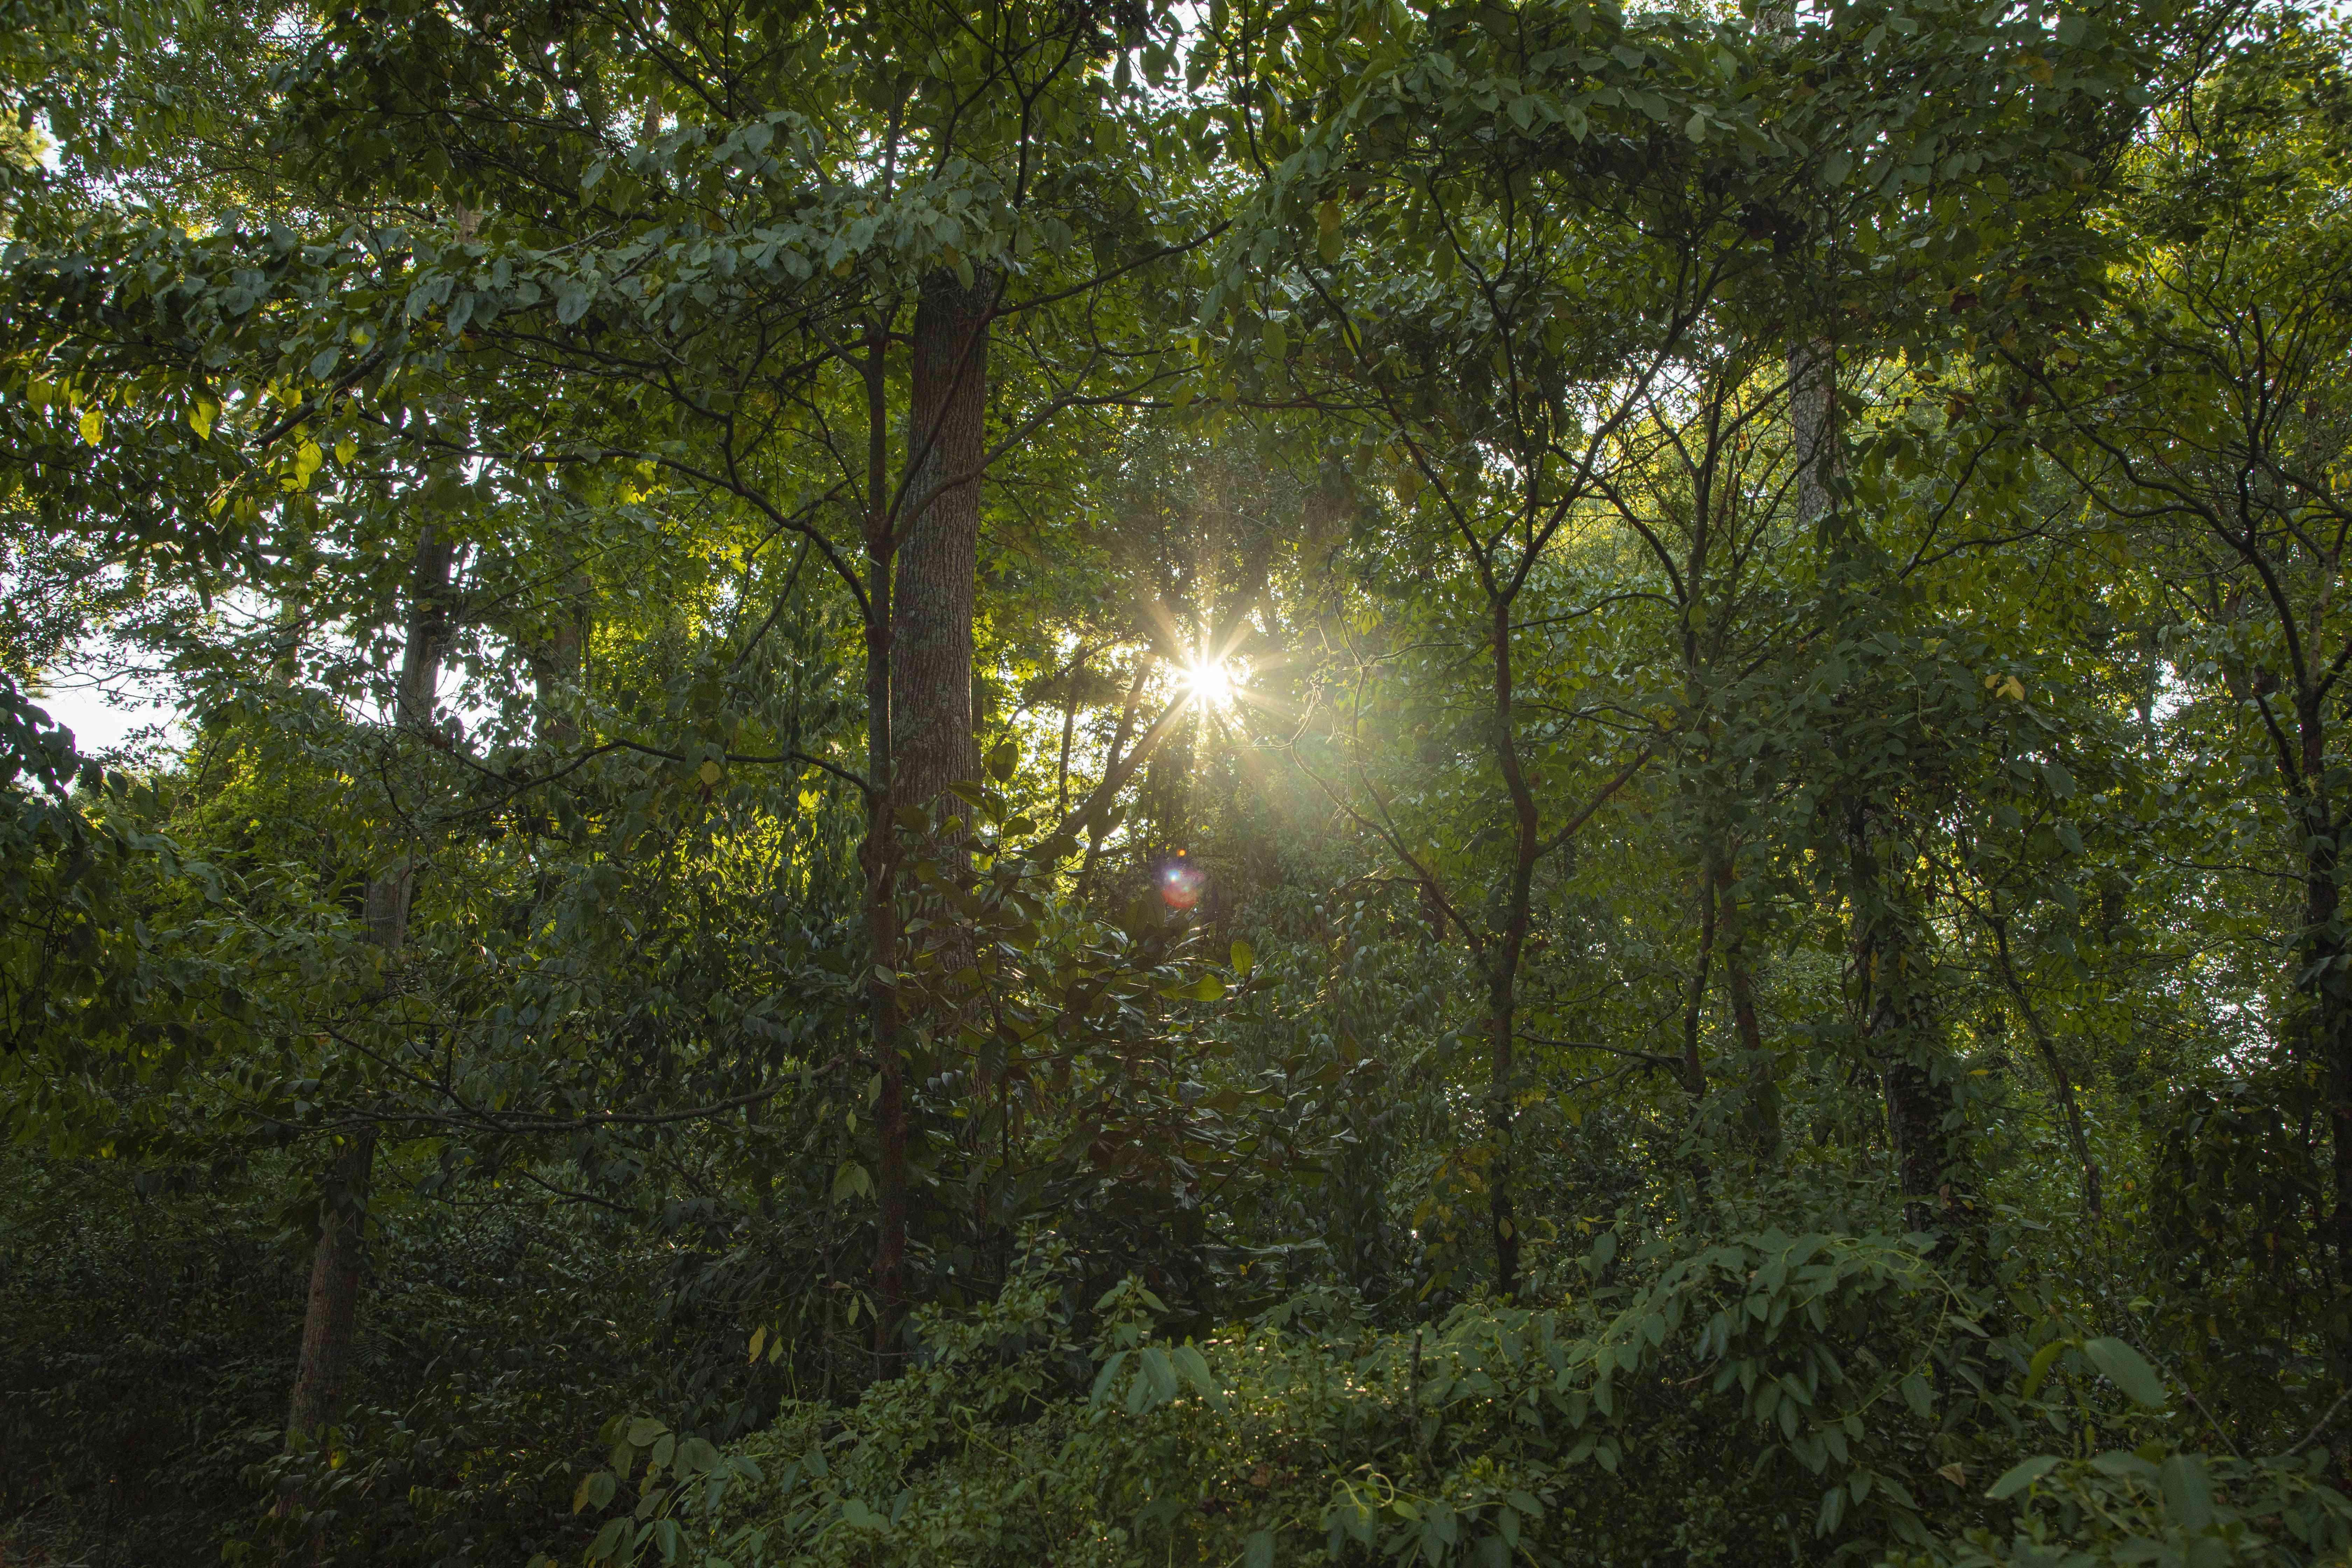 sun breaks through trees overgrowth